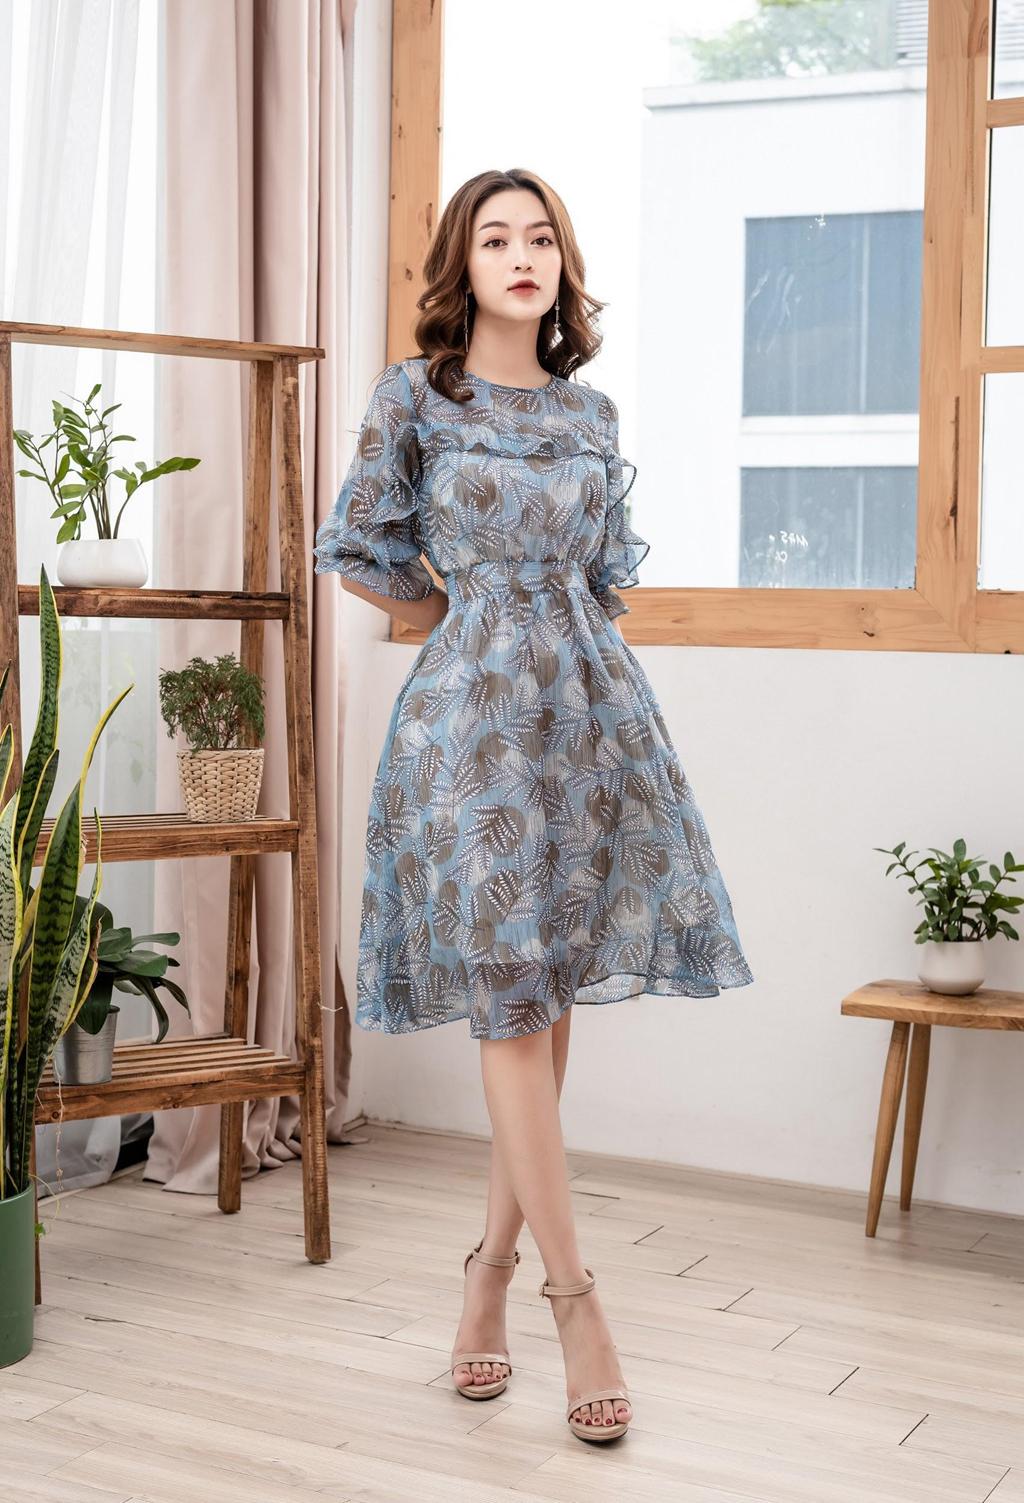 Đánh thức mùa thu với những kiểu váy ngọt ngào - Hình 3